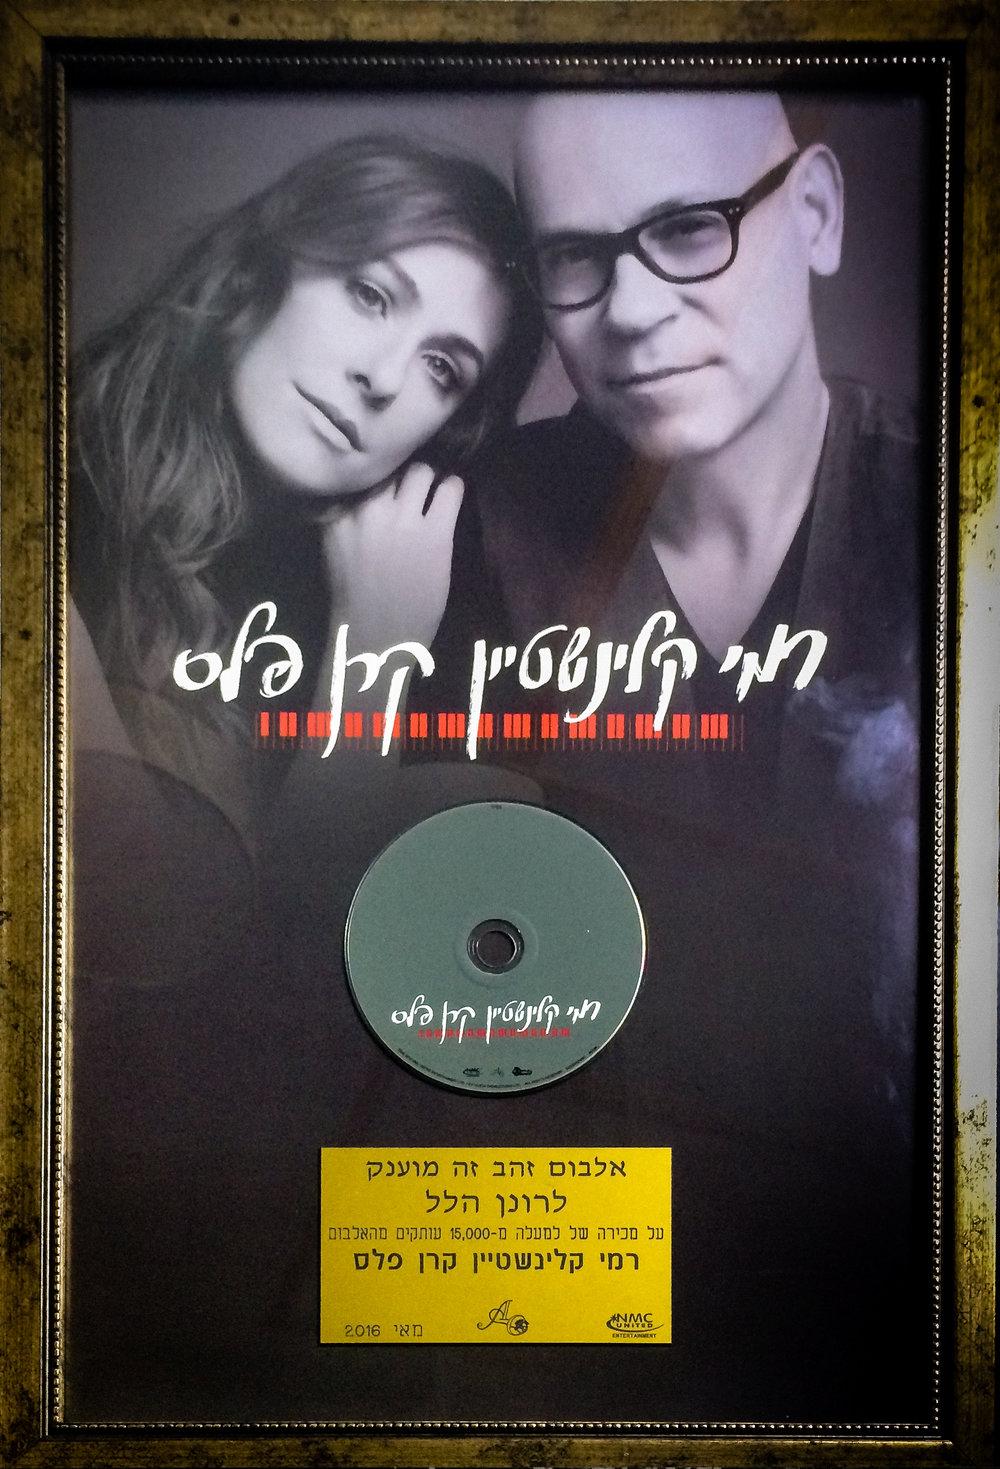 kleinstein-peles-gold-album-ronen-hillel.jpg